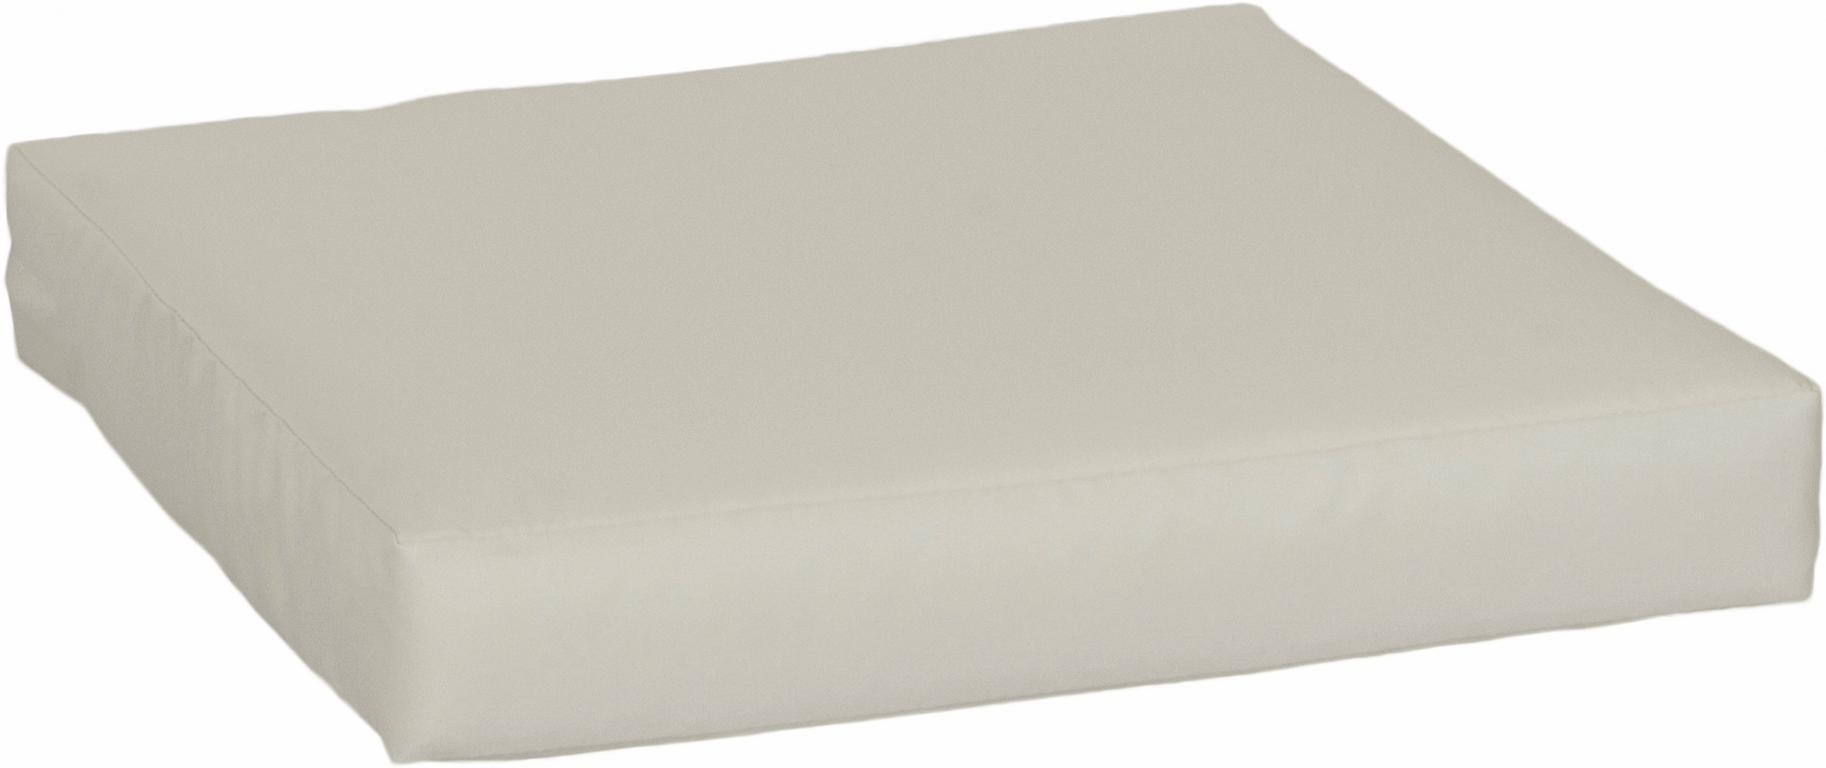 80 x 60 cm Lounge Sitzkissen Premium beige wasserabweisend aus 100% Polyester